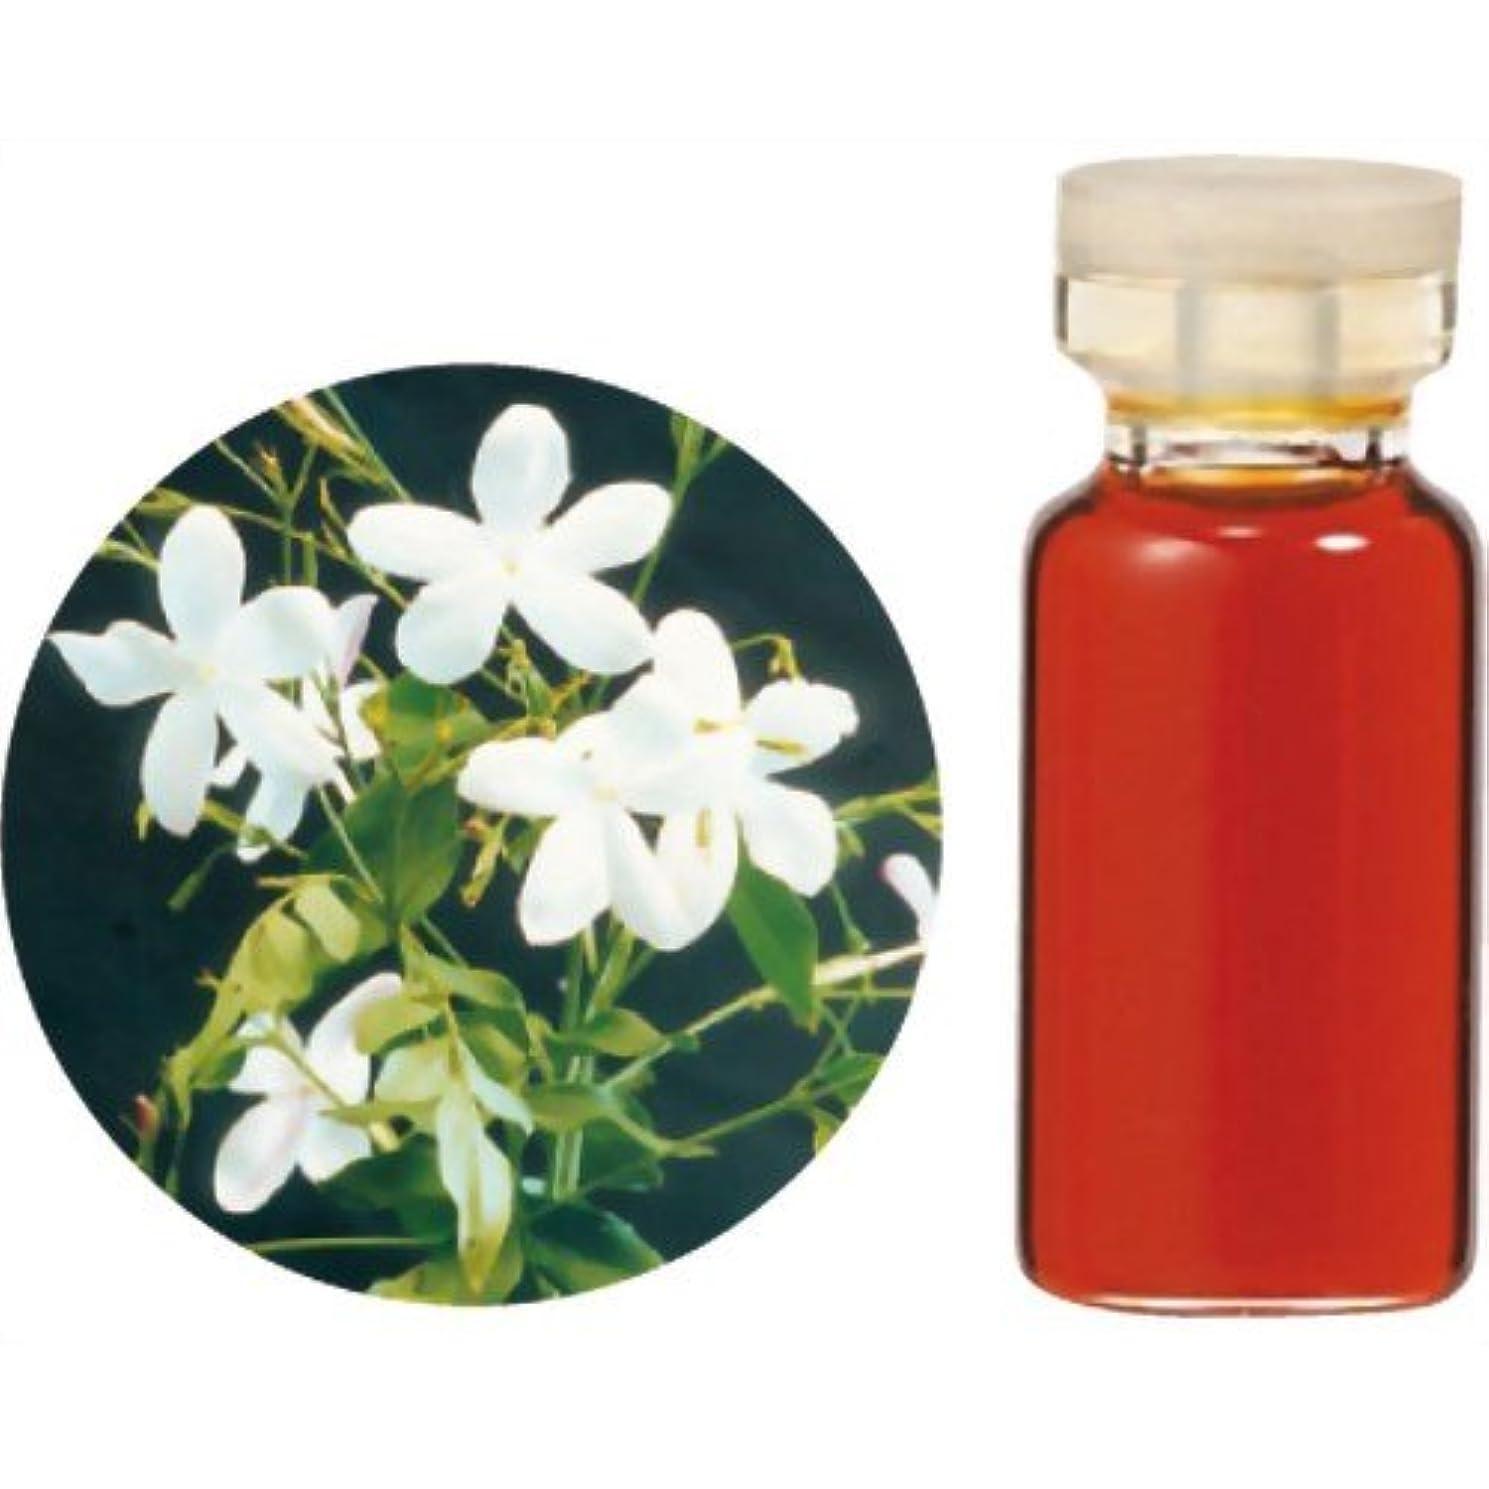 達成可能乳行列生活の木 C 花精油 ジャスミン アブソリュート エッセンシャルオイル 3ml